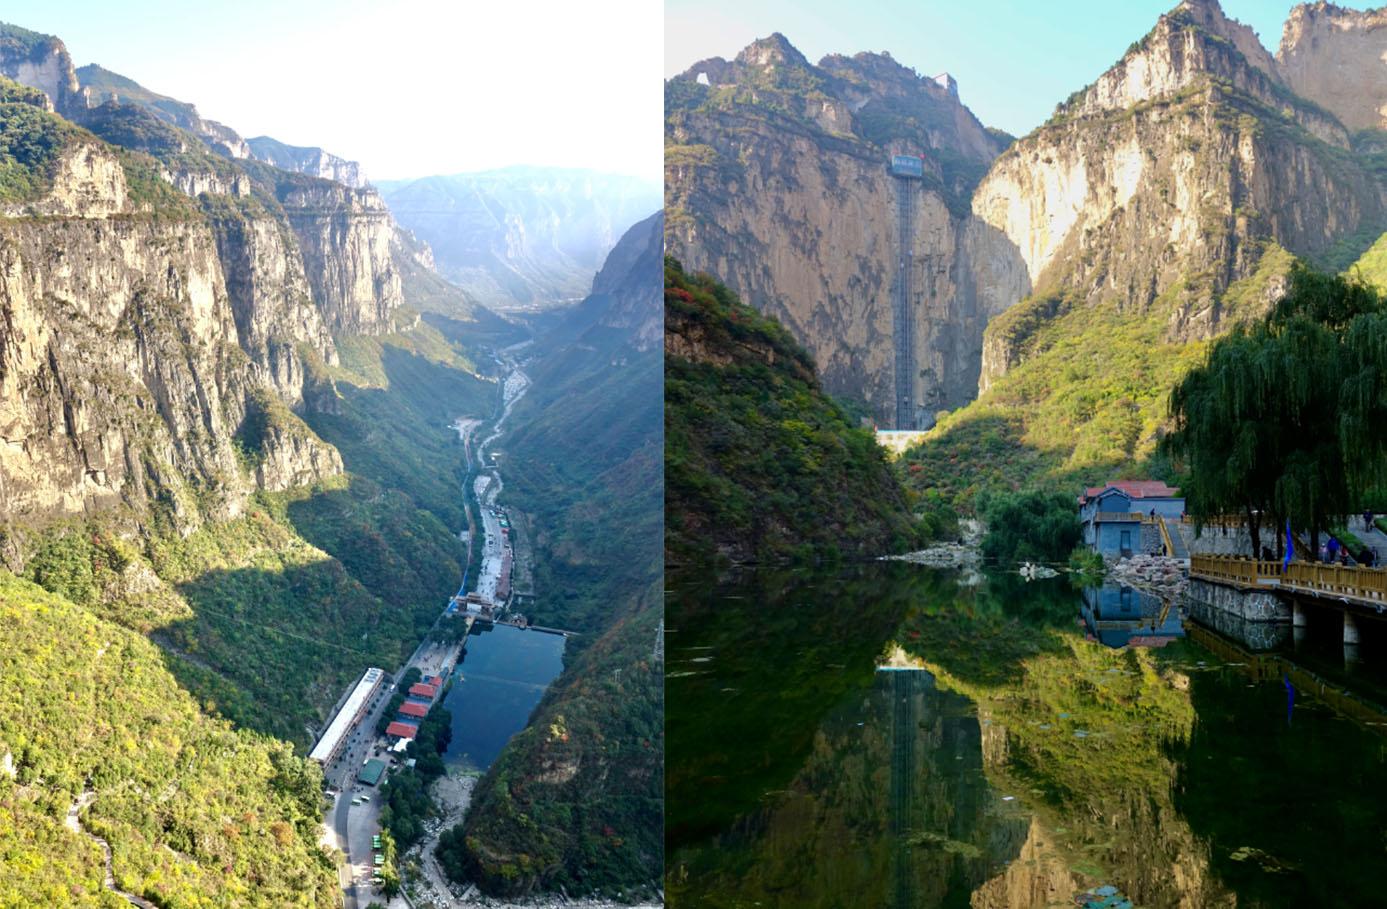 奇观天下|雄奇壮美,设施齐全:这个大峡谷是太行山景观的龙头